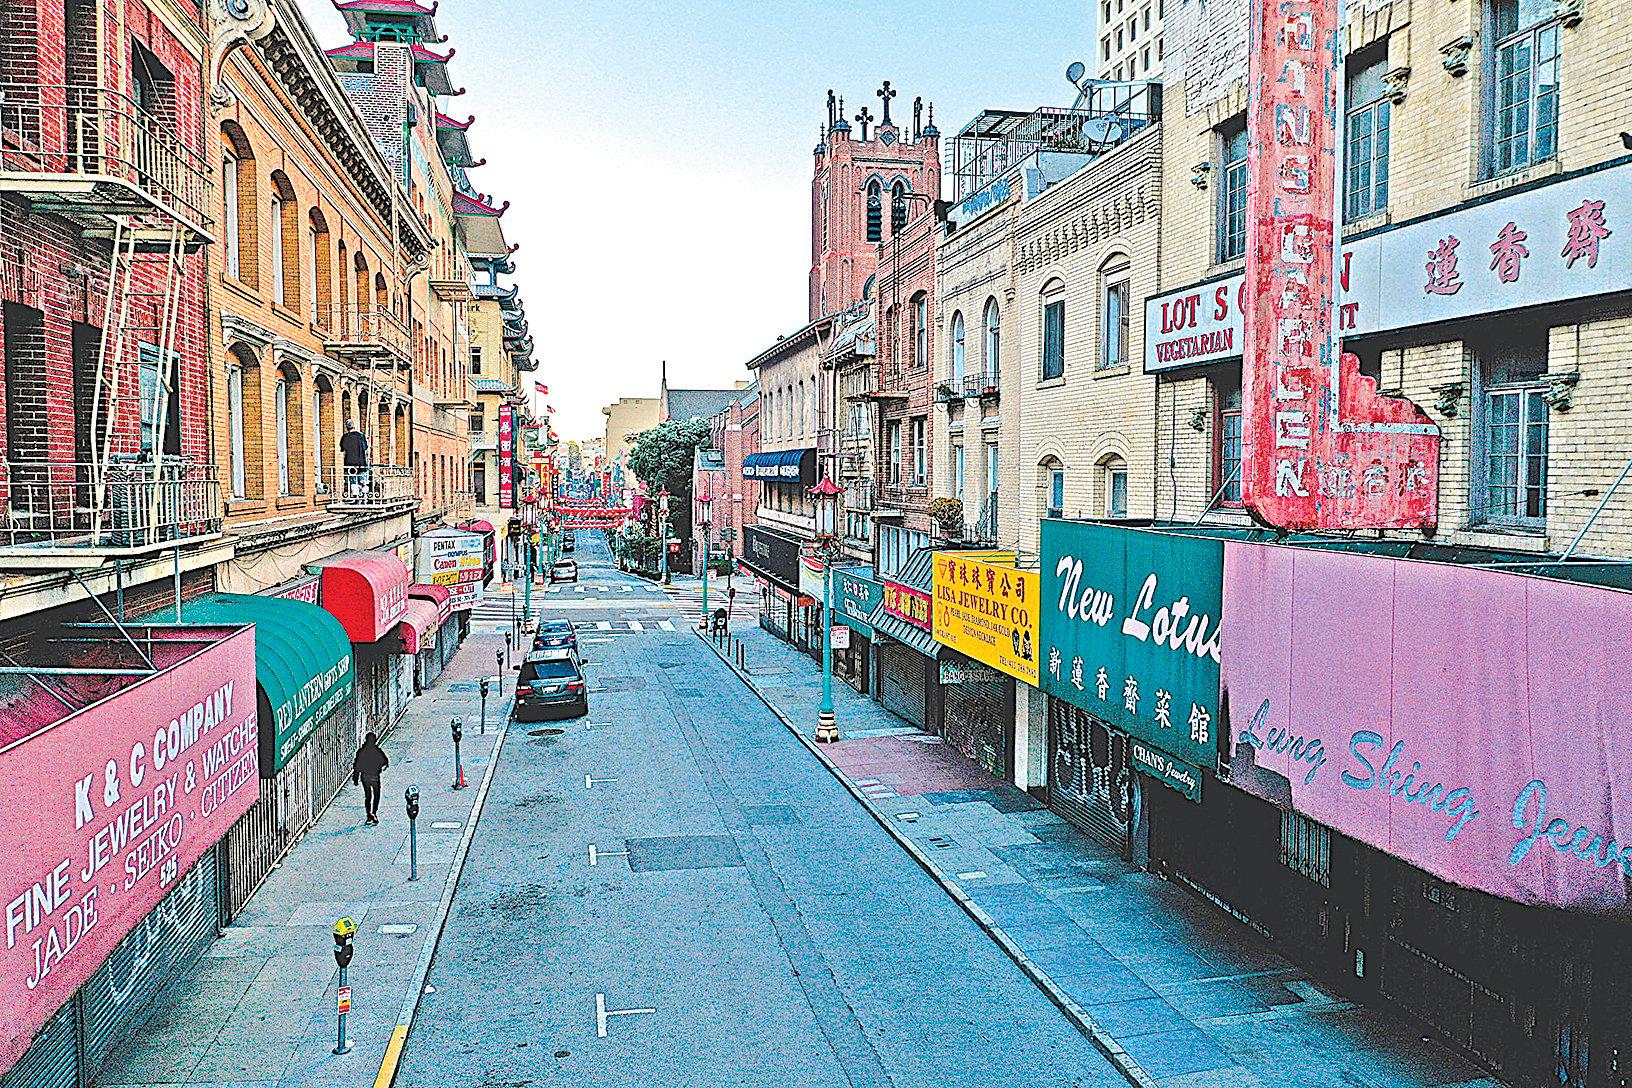 疫情中,華人在海外應該怎樣反觀自己、成為社會正的力量呢?其實非常簡單。圖為中共病毒肆虐之際、4月初空空如也的三藩市中國城。(Justin Sullivan/Getty Images)